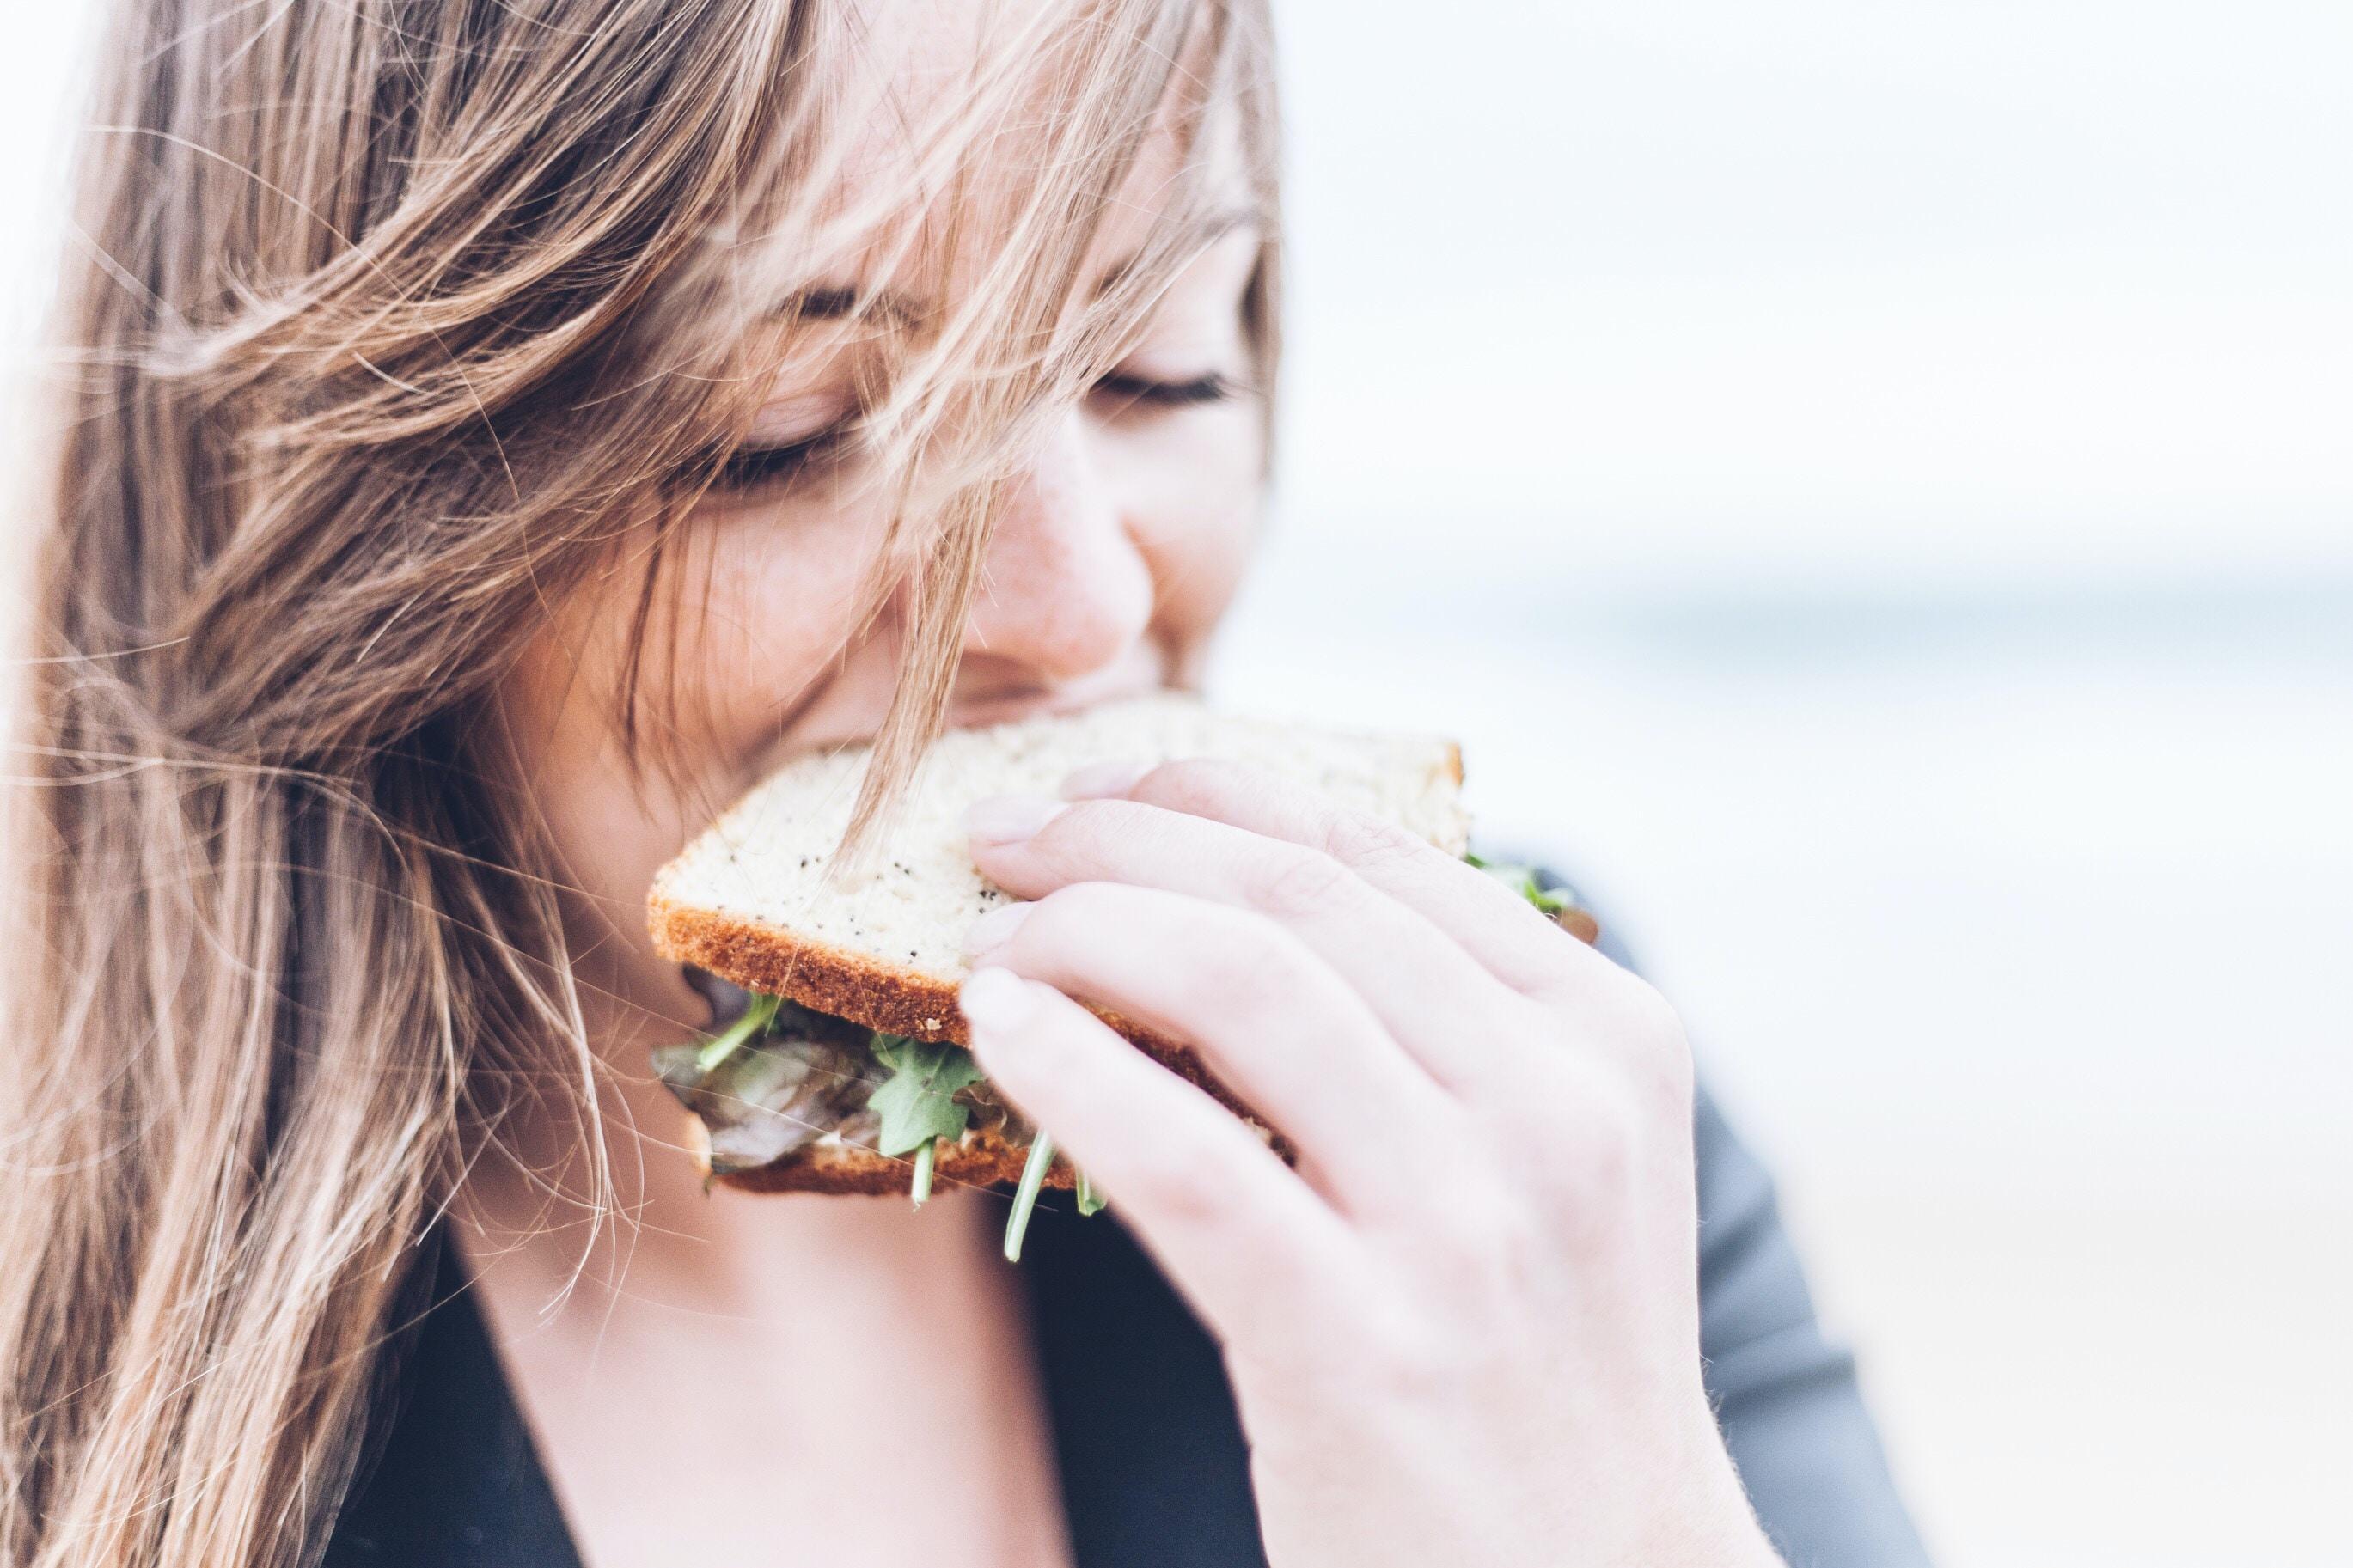 Ini 3 bahaya yang bisa terjadi saat tidur setelah makan (dok. unsplash)